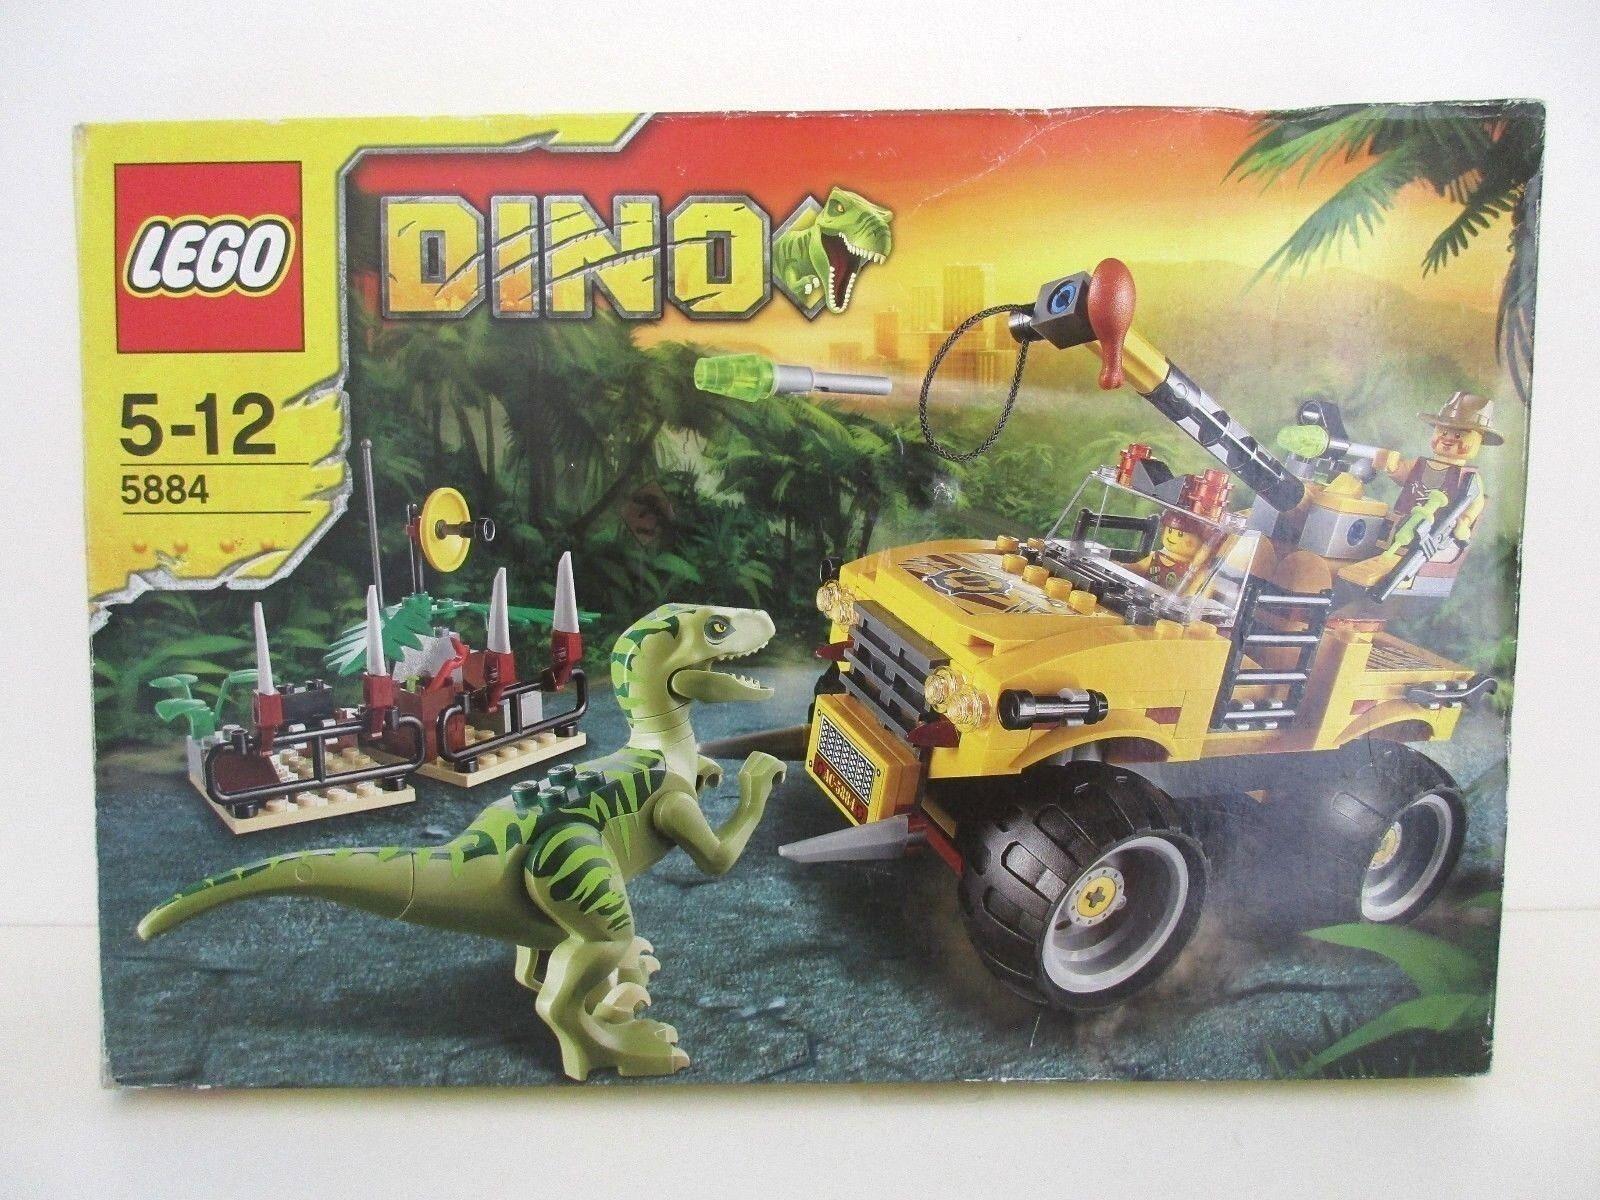 LEGO DINO 5884 Raptor Chase - Completo in scatola con Istruzioni